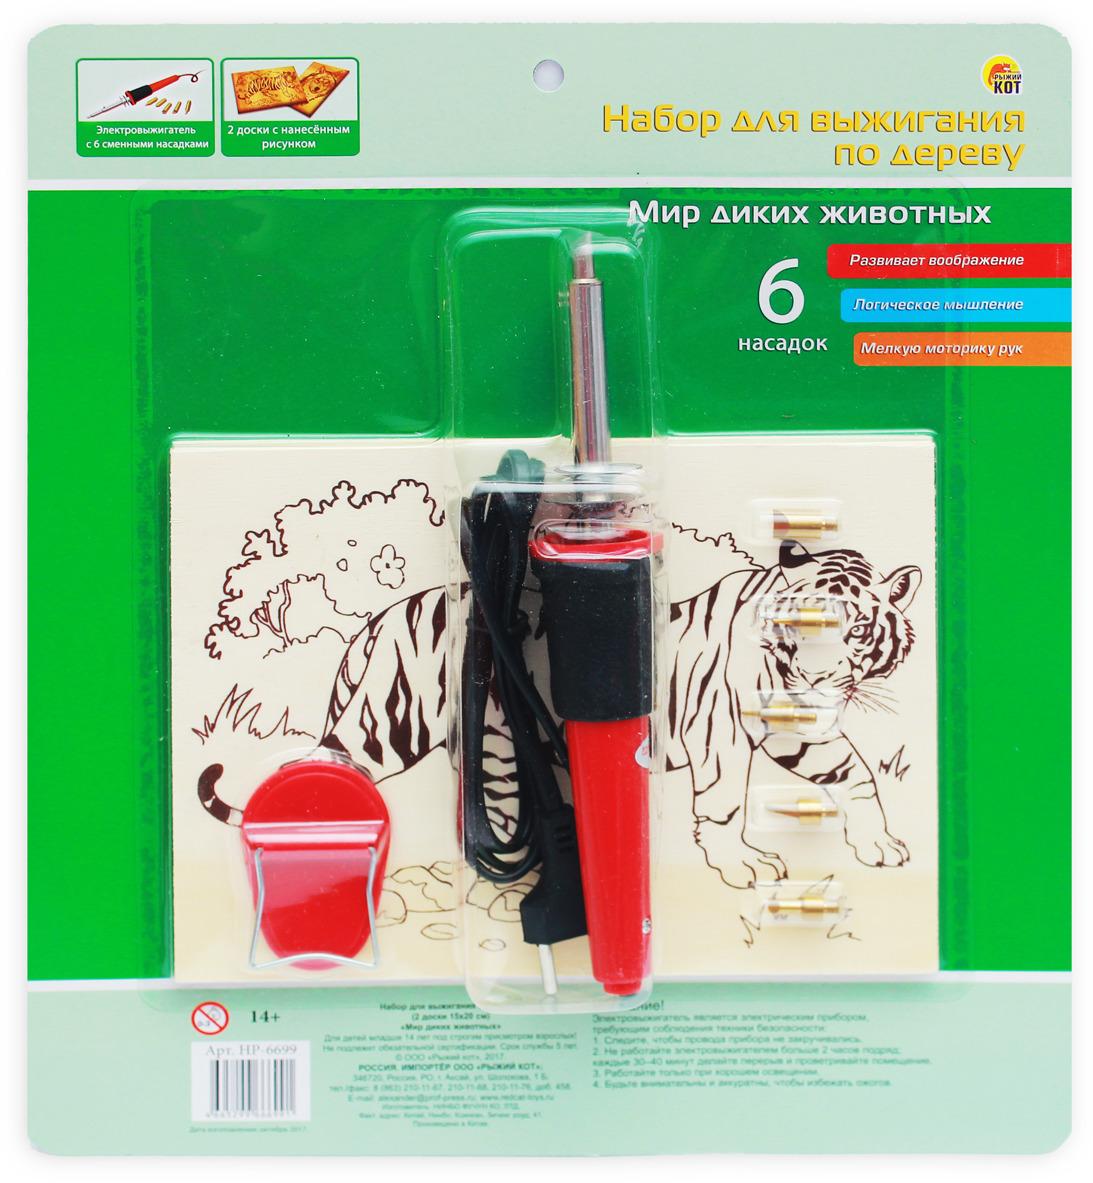 Рыжий Кот Набор для выжигания по дереву Мир диких животных ( НР-6699 )